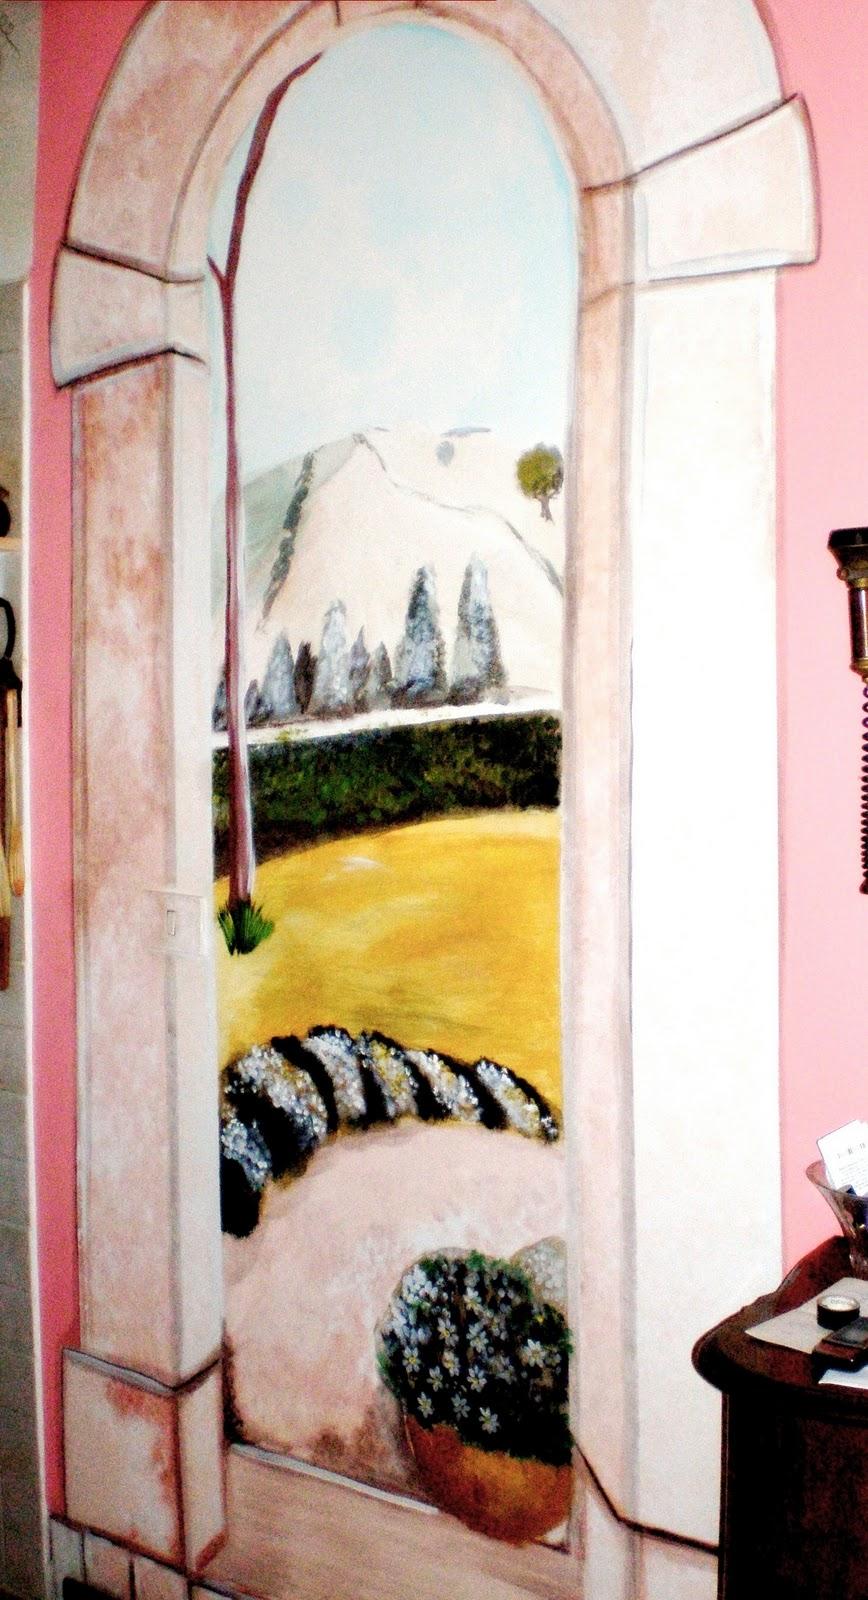 Murgiamirella decorazioni pittura castel madama: decorazioni su pareti